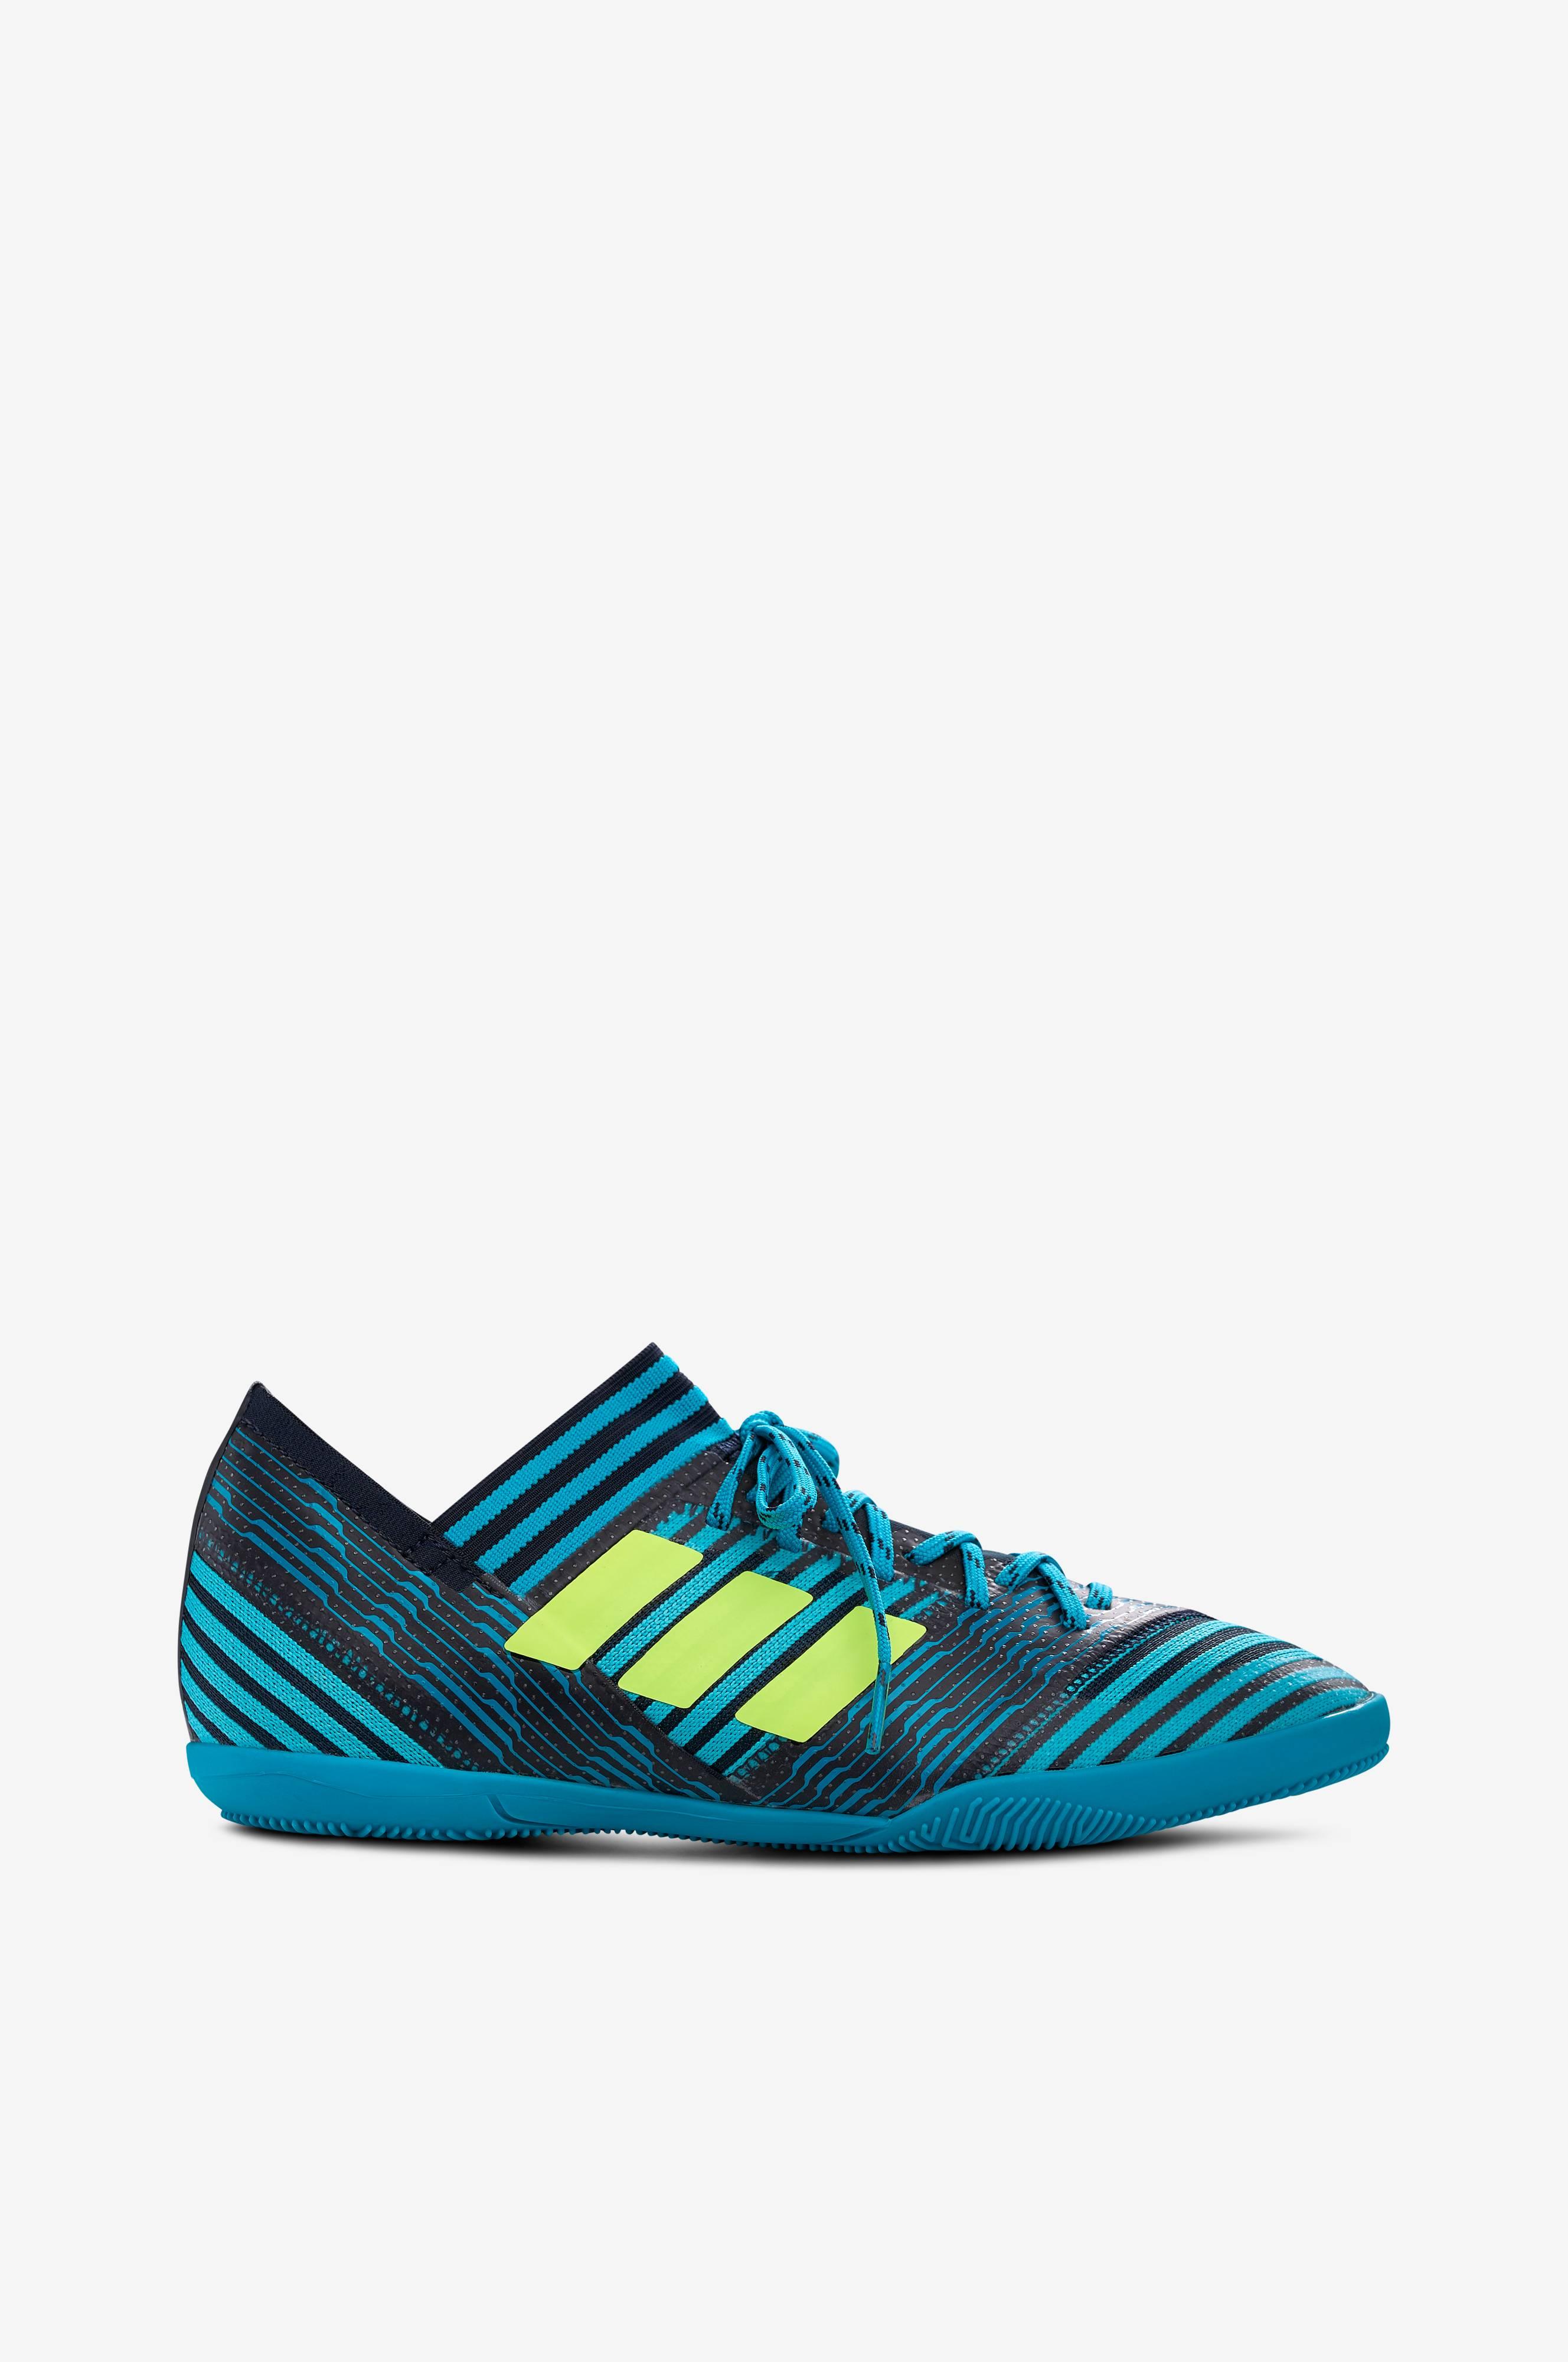 adidas Sport Performance Fotbollsskor Nemeziz för inomhusfotboll - Blå -  Barn - Ellos.se 41abbe8bb33ae